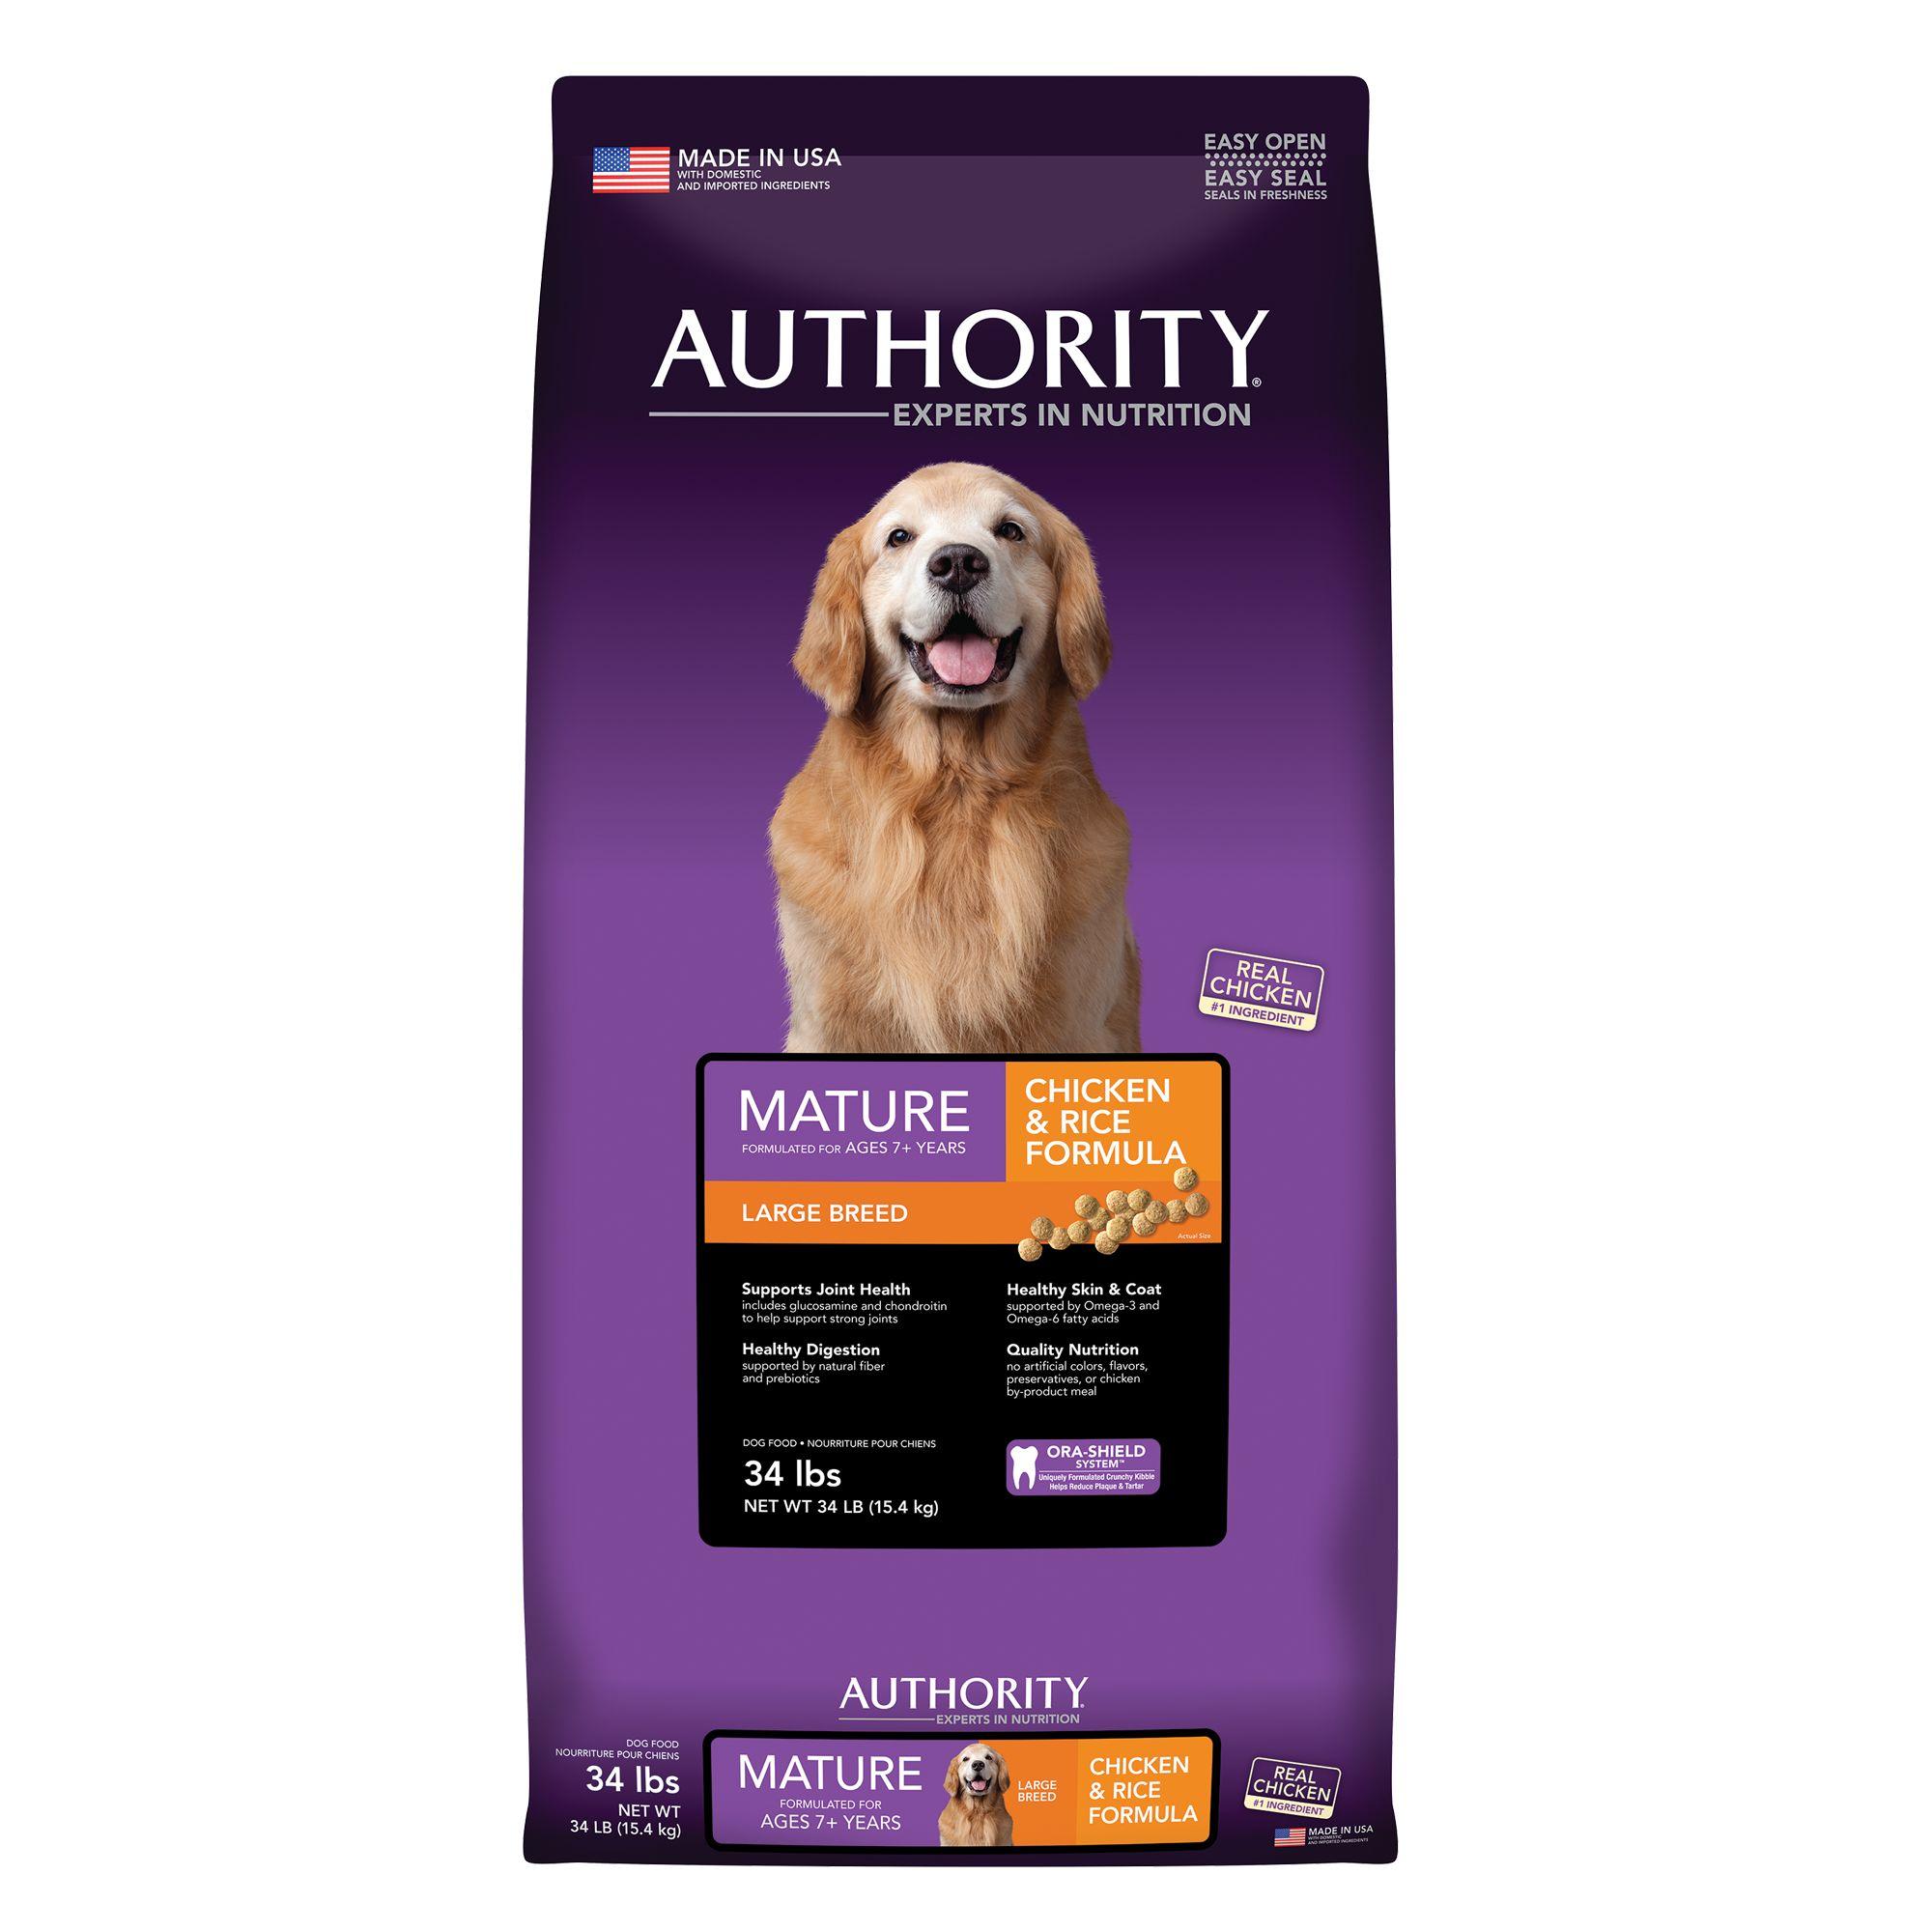 Authority Senior Dog Food